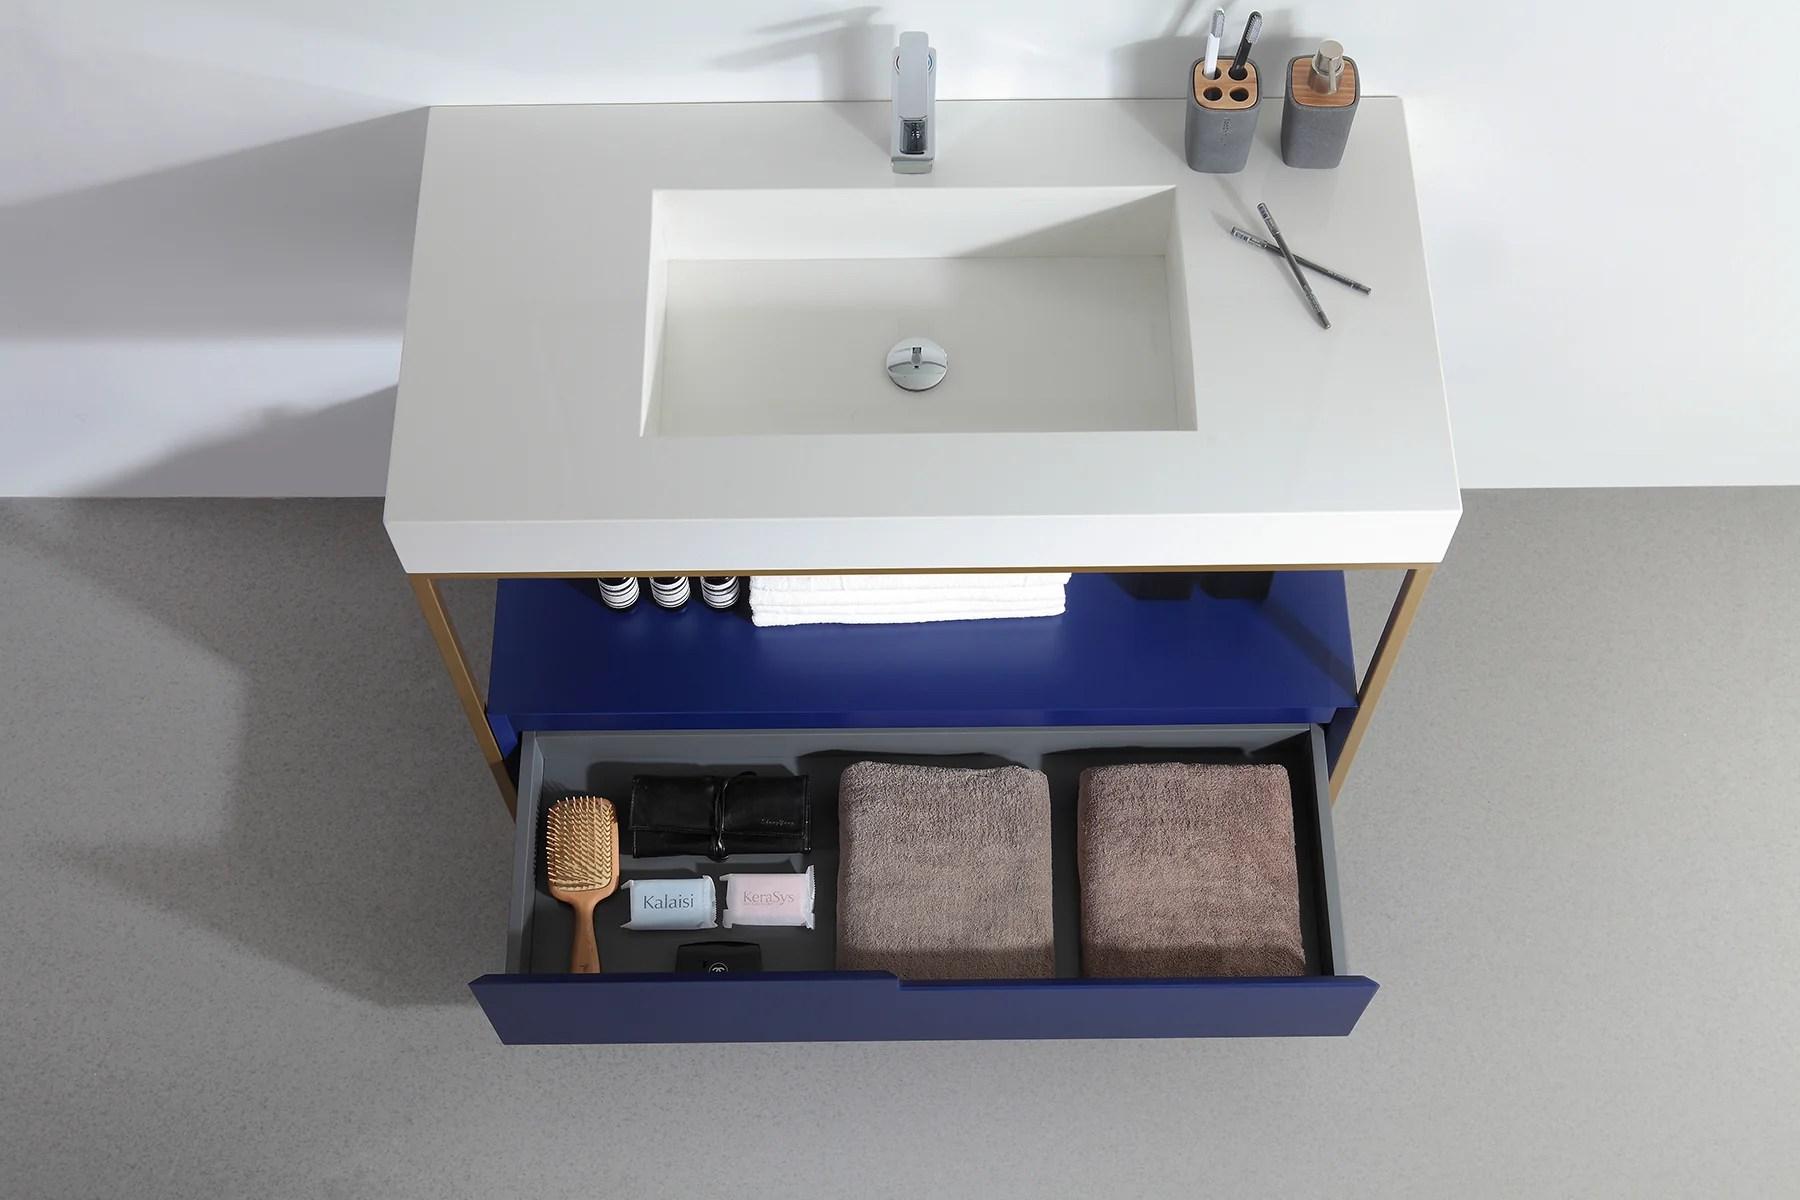 texel 42 navy blue industrial style freestanding bathroom vanity